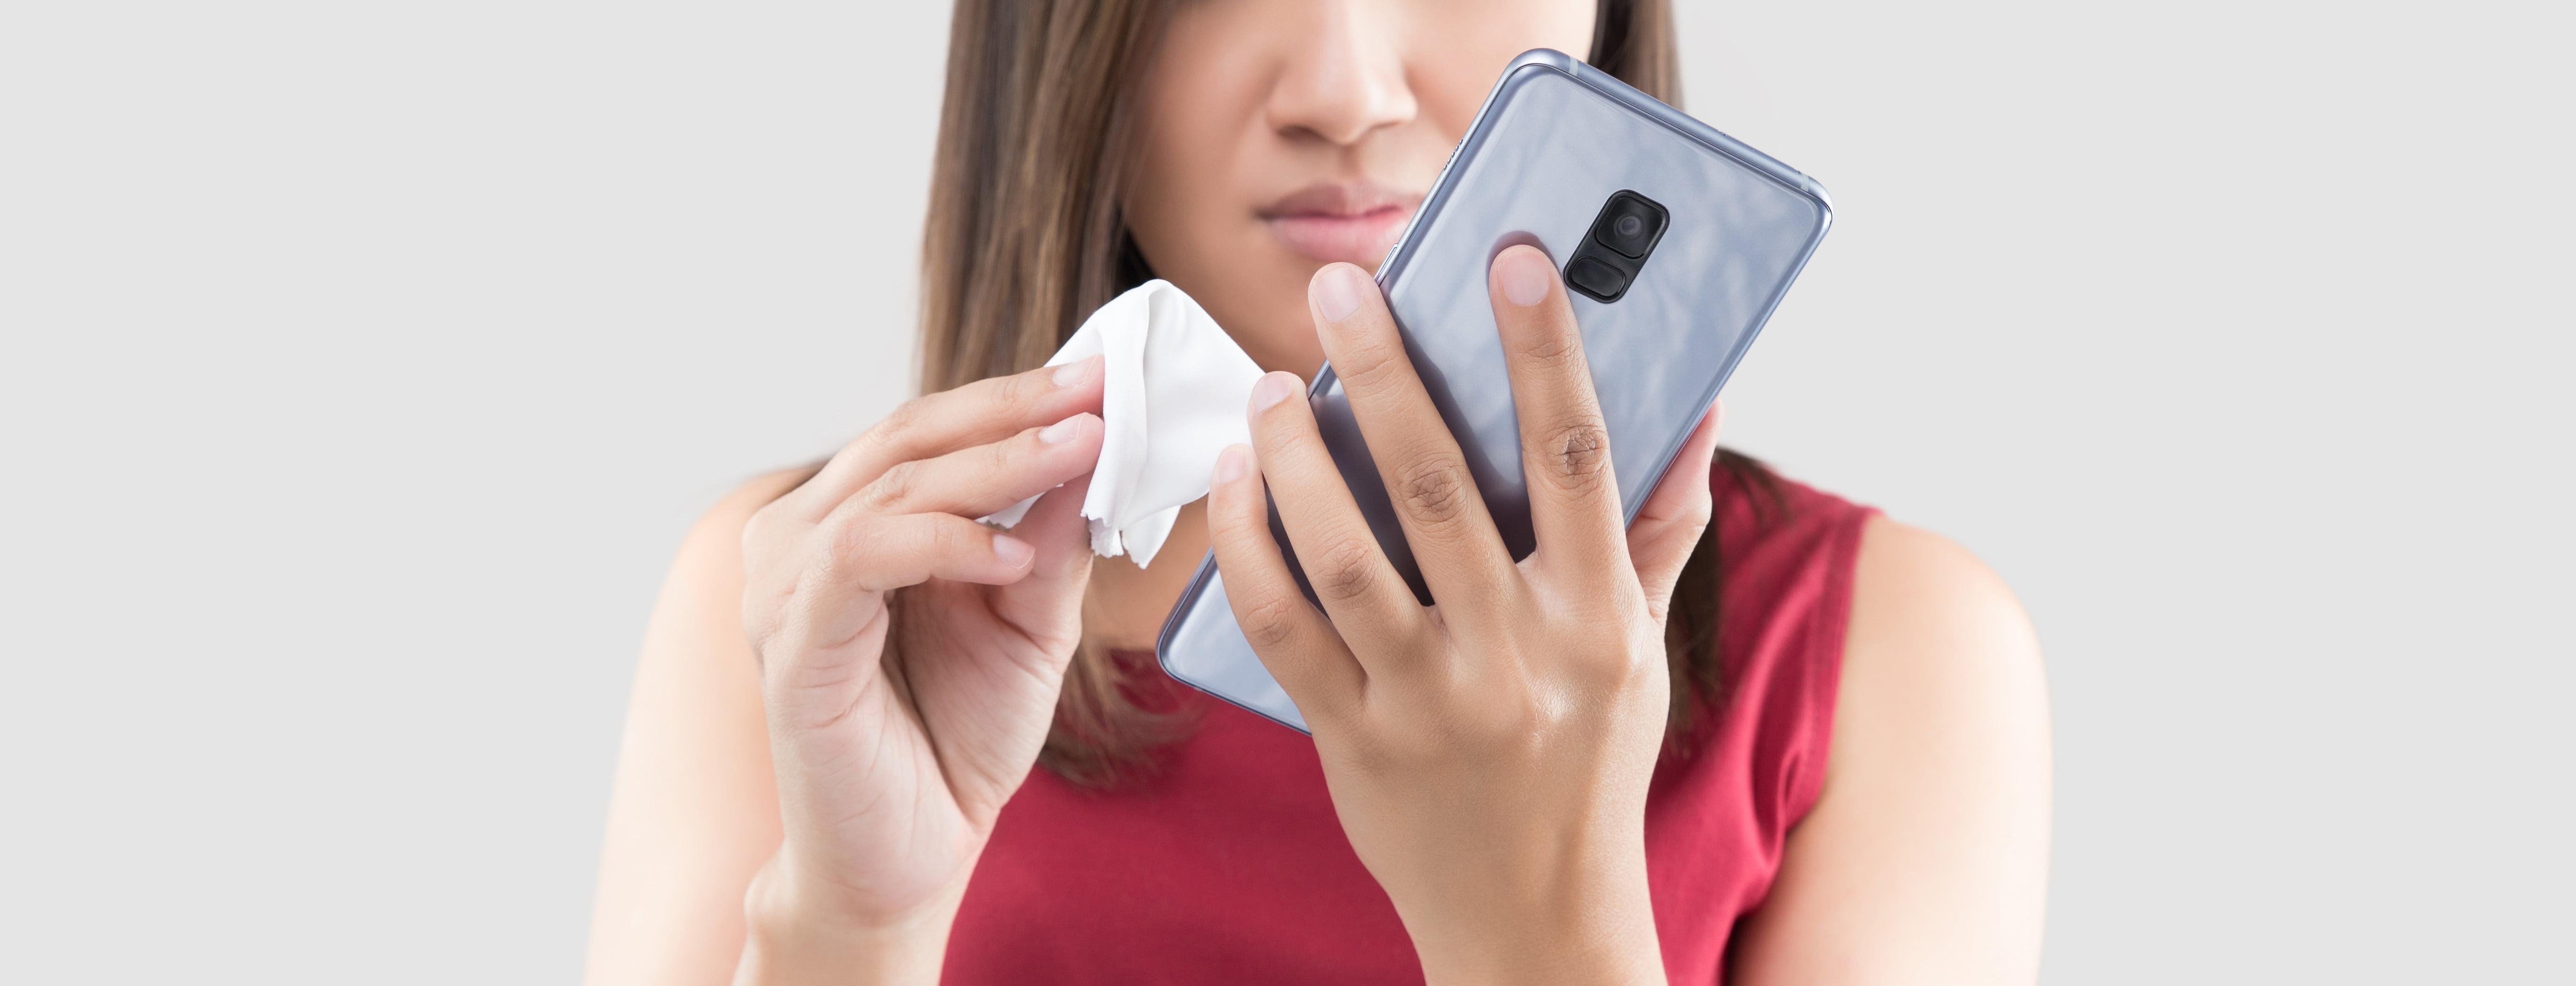 Handy Reinigen So Wird Das Smartphone Keimfrei Der Spiegel